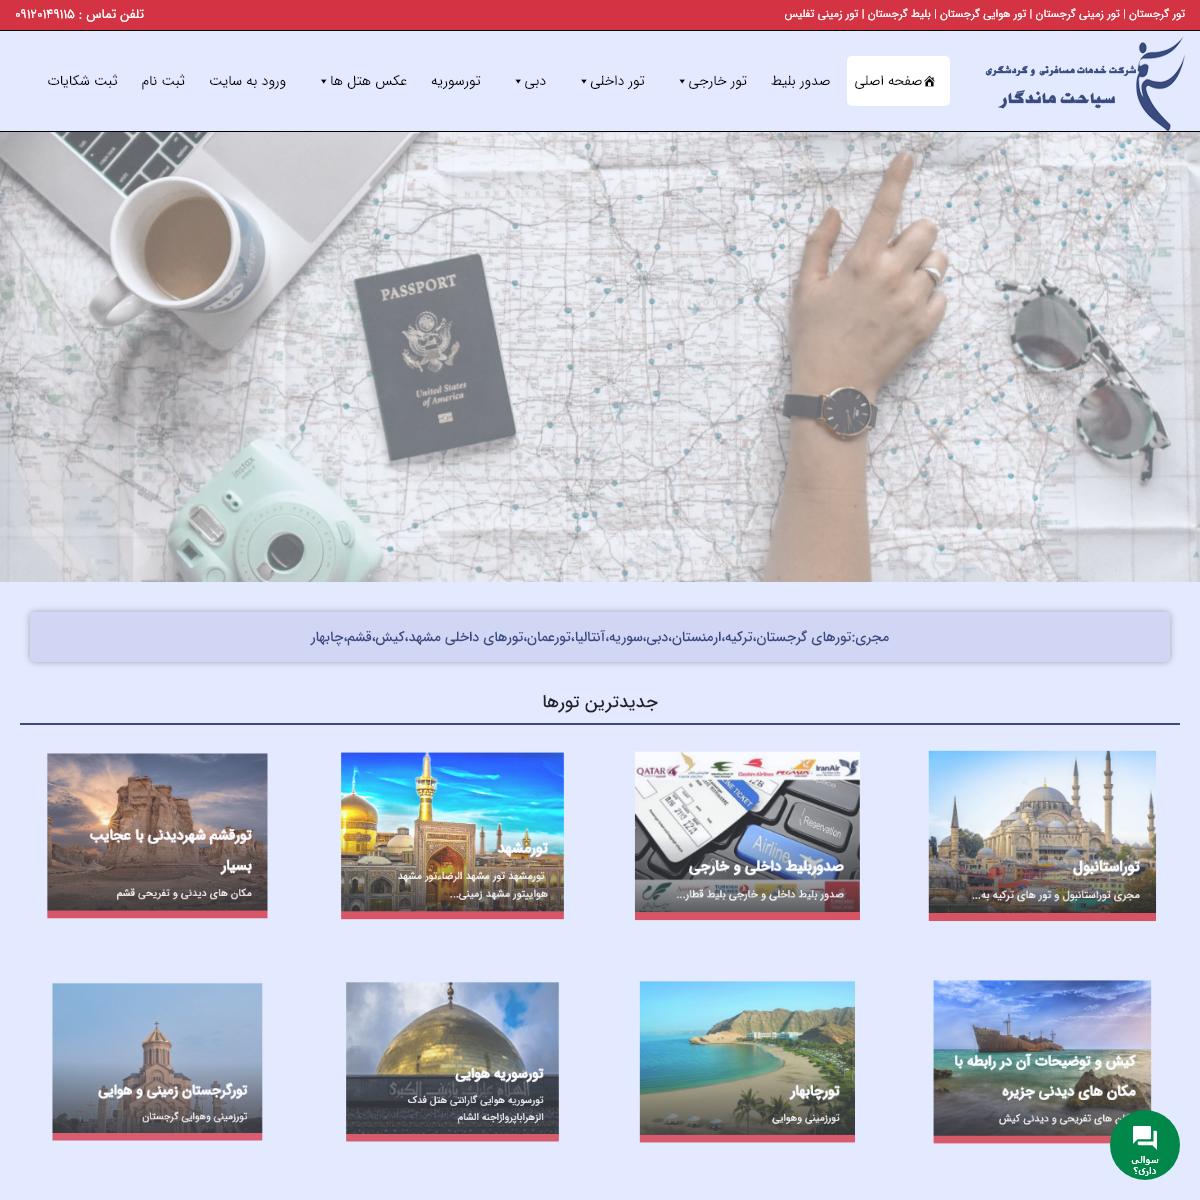 آژانس هواپیمایی سیاحت ماندگار - مجری تخصصی تور گرجستان،تور تفلیس،ارمن